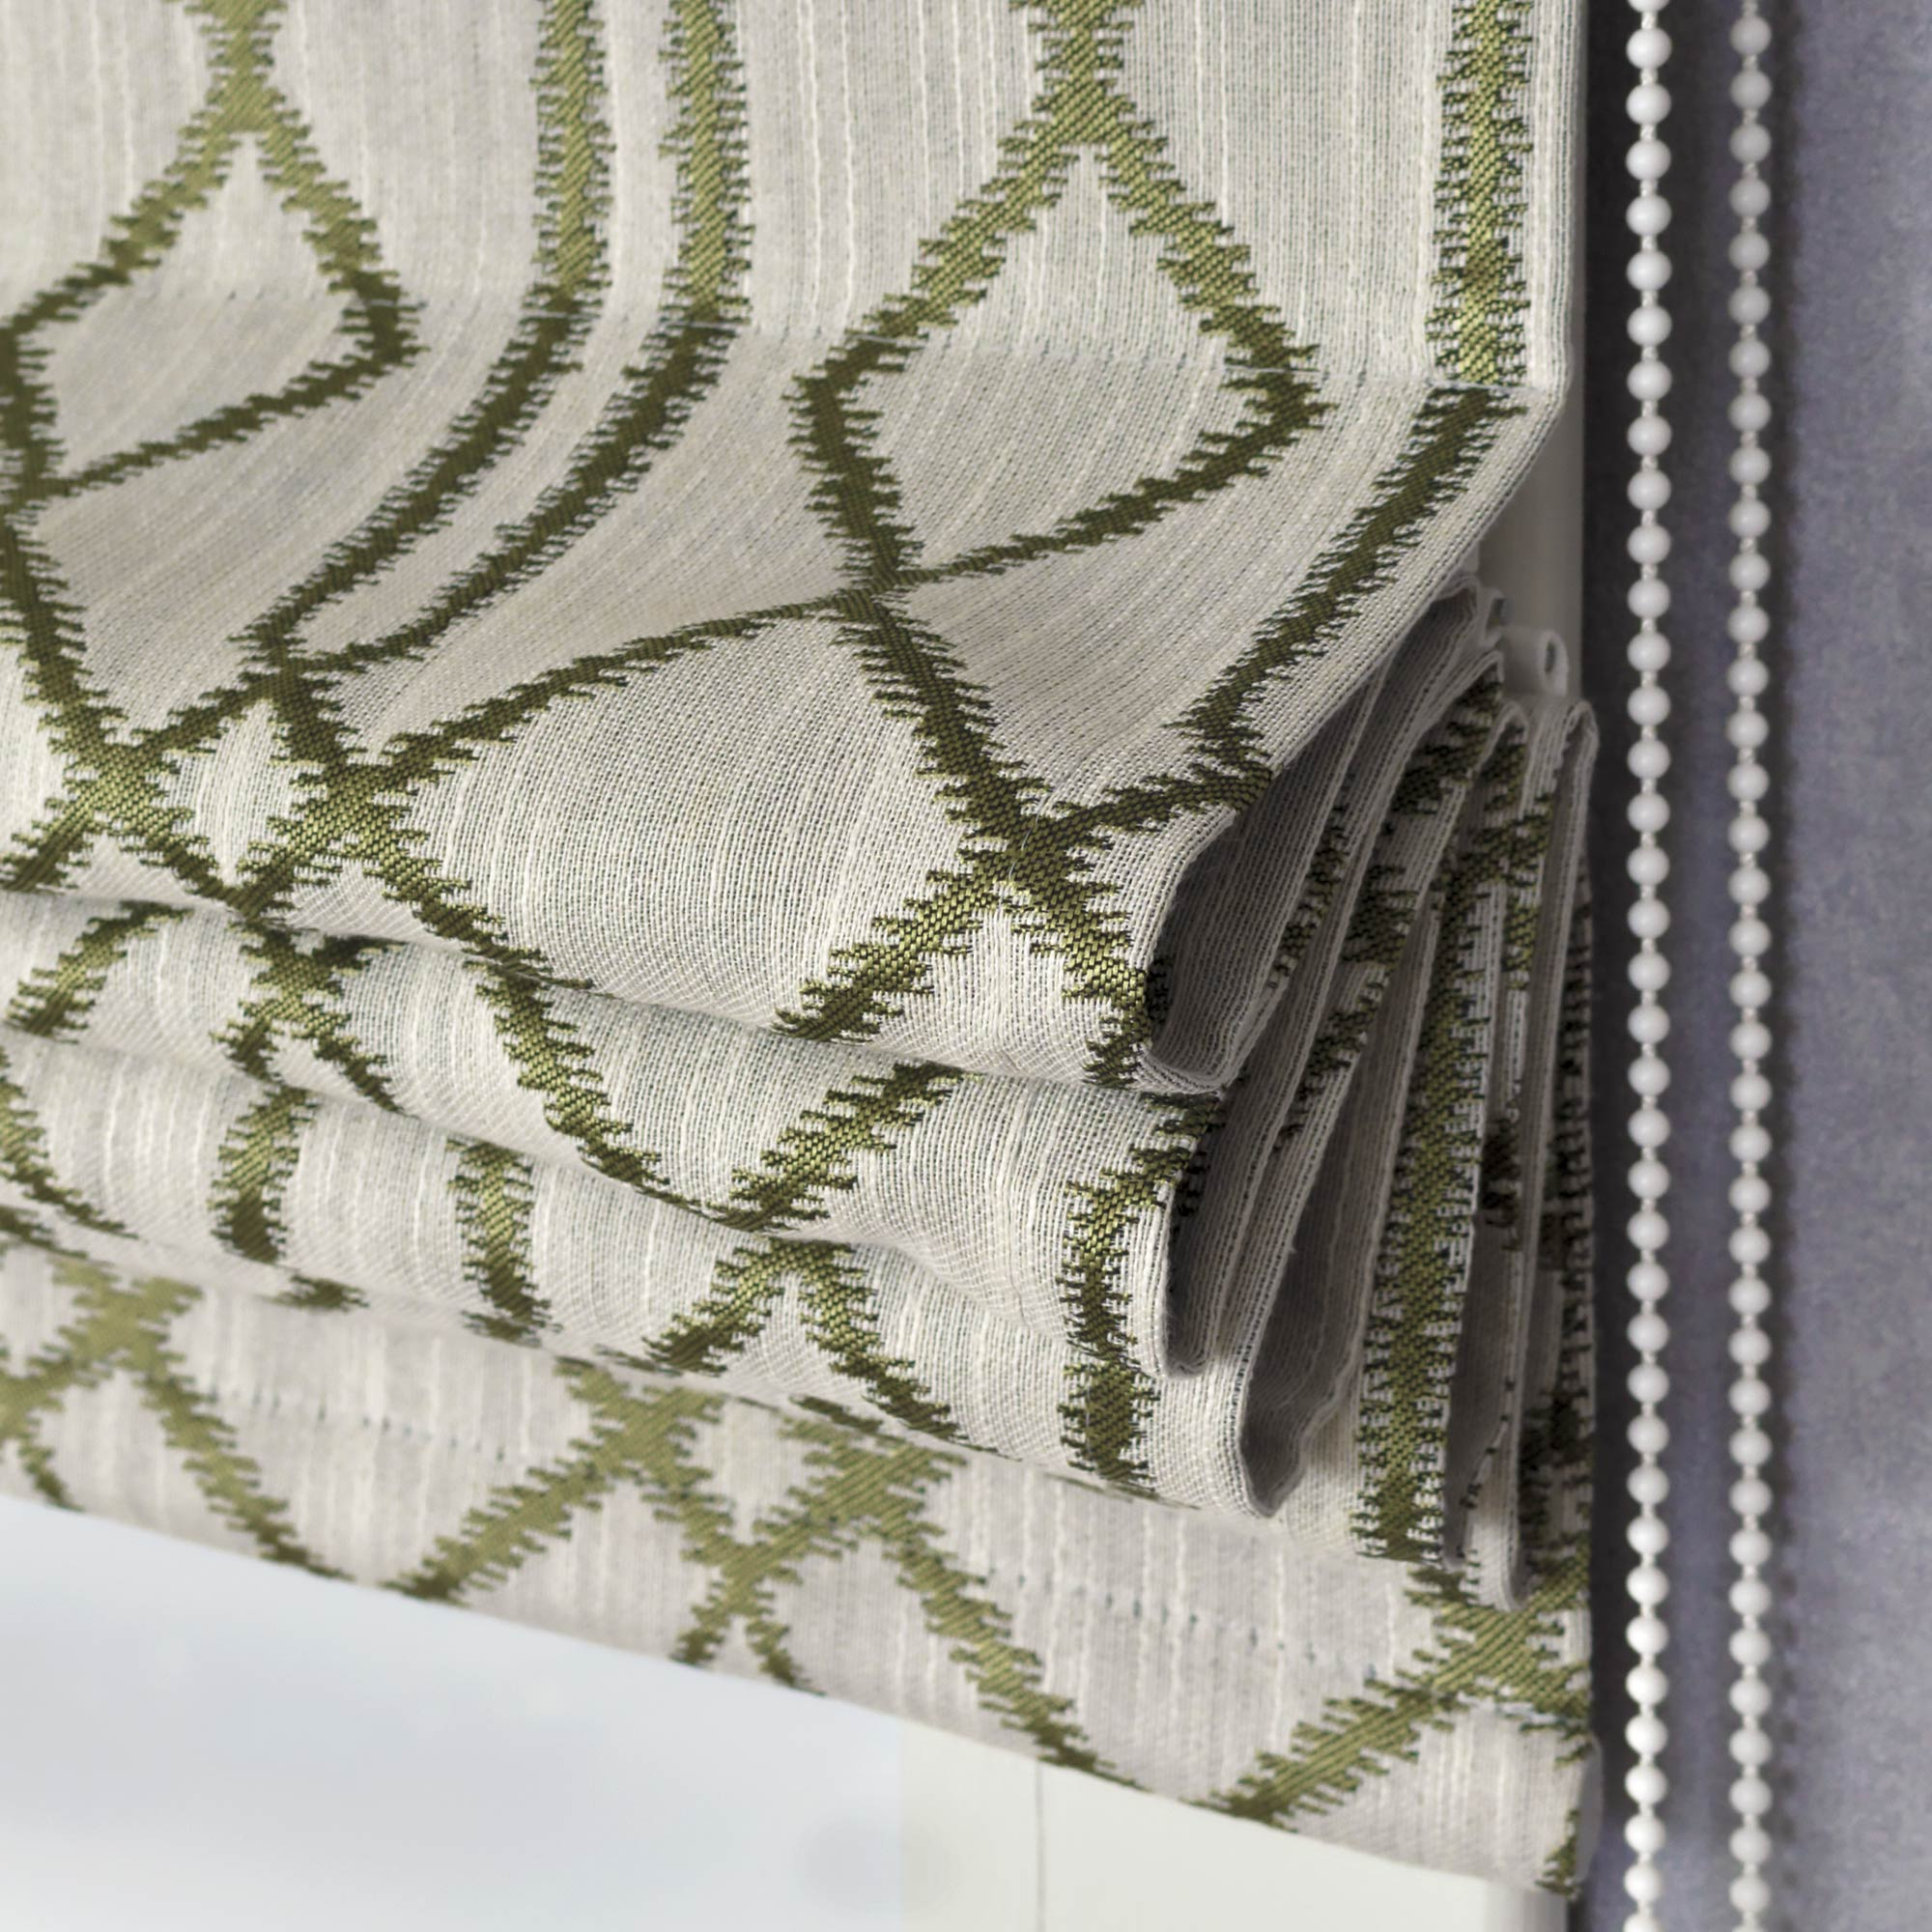 Римская штора с гометрическим рисунком для модрого современного интерьера